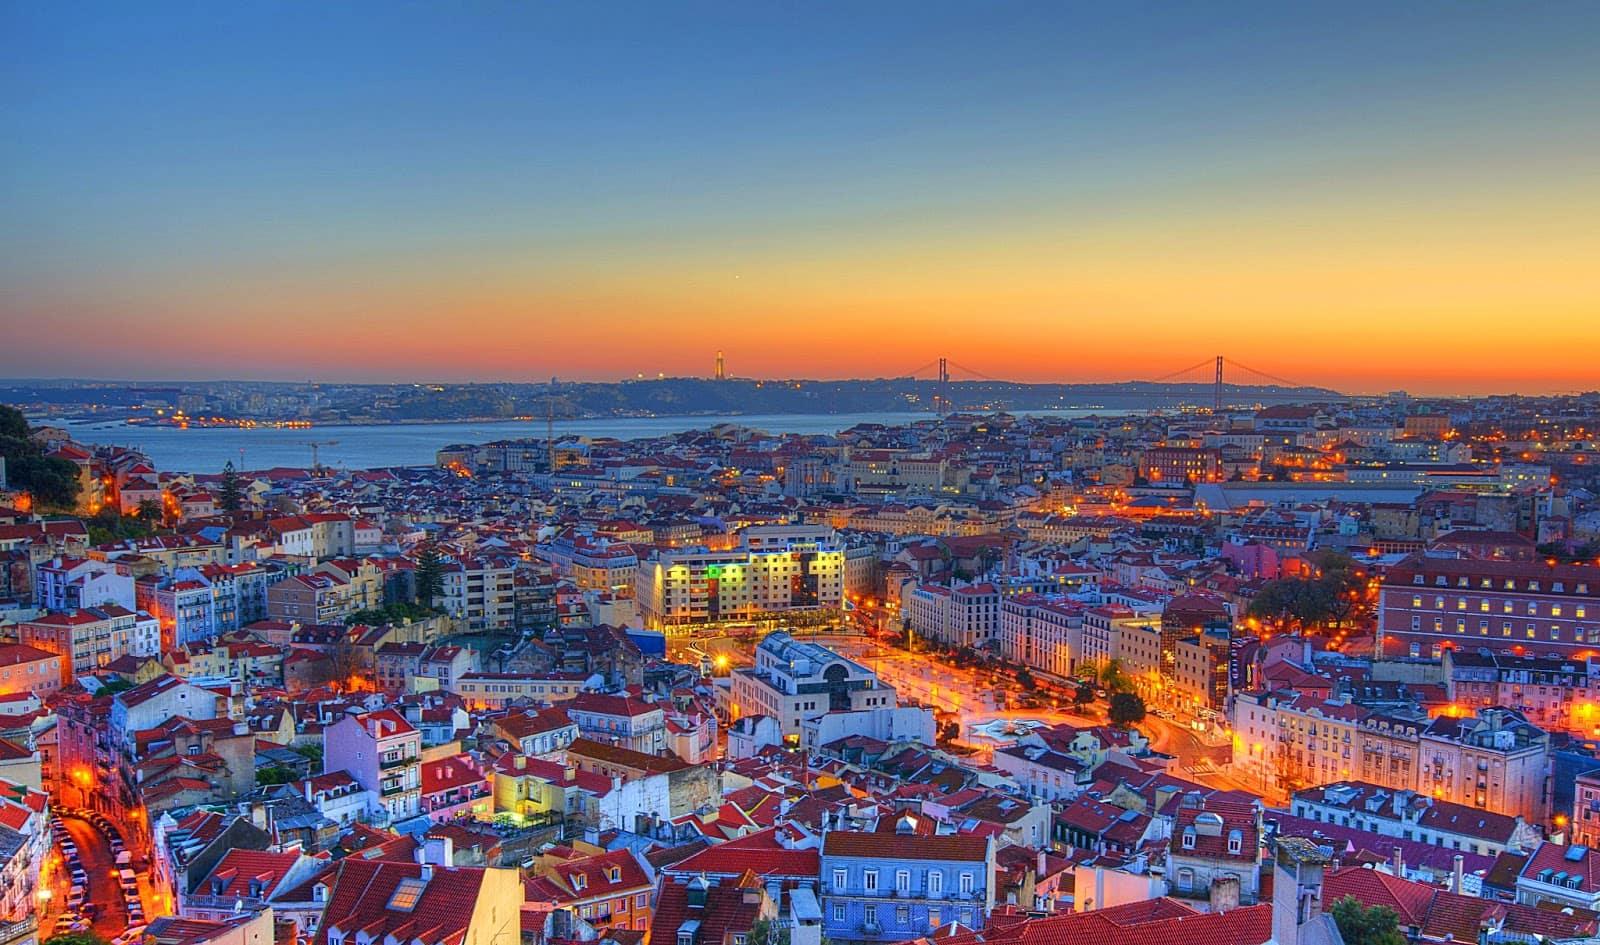 Melhores regiões para se hospedar em Lisboa